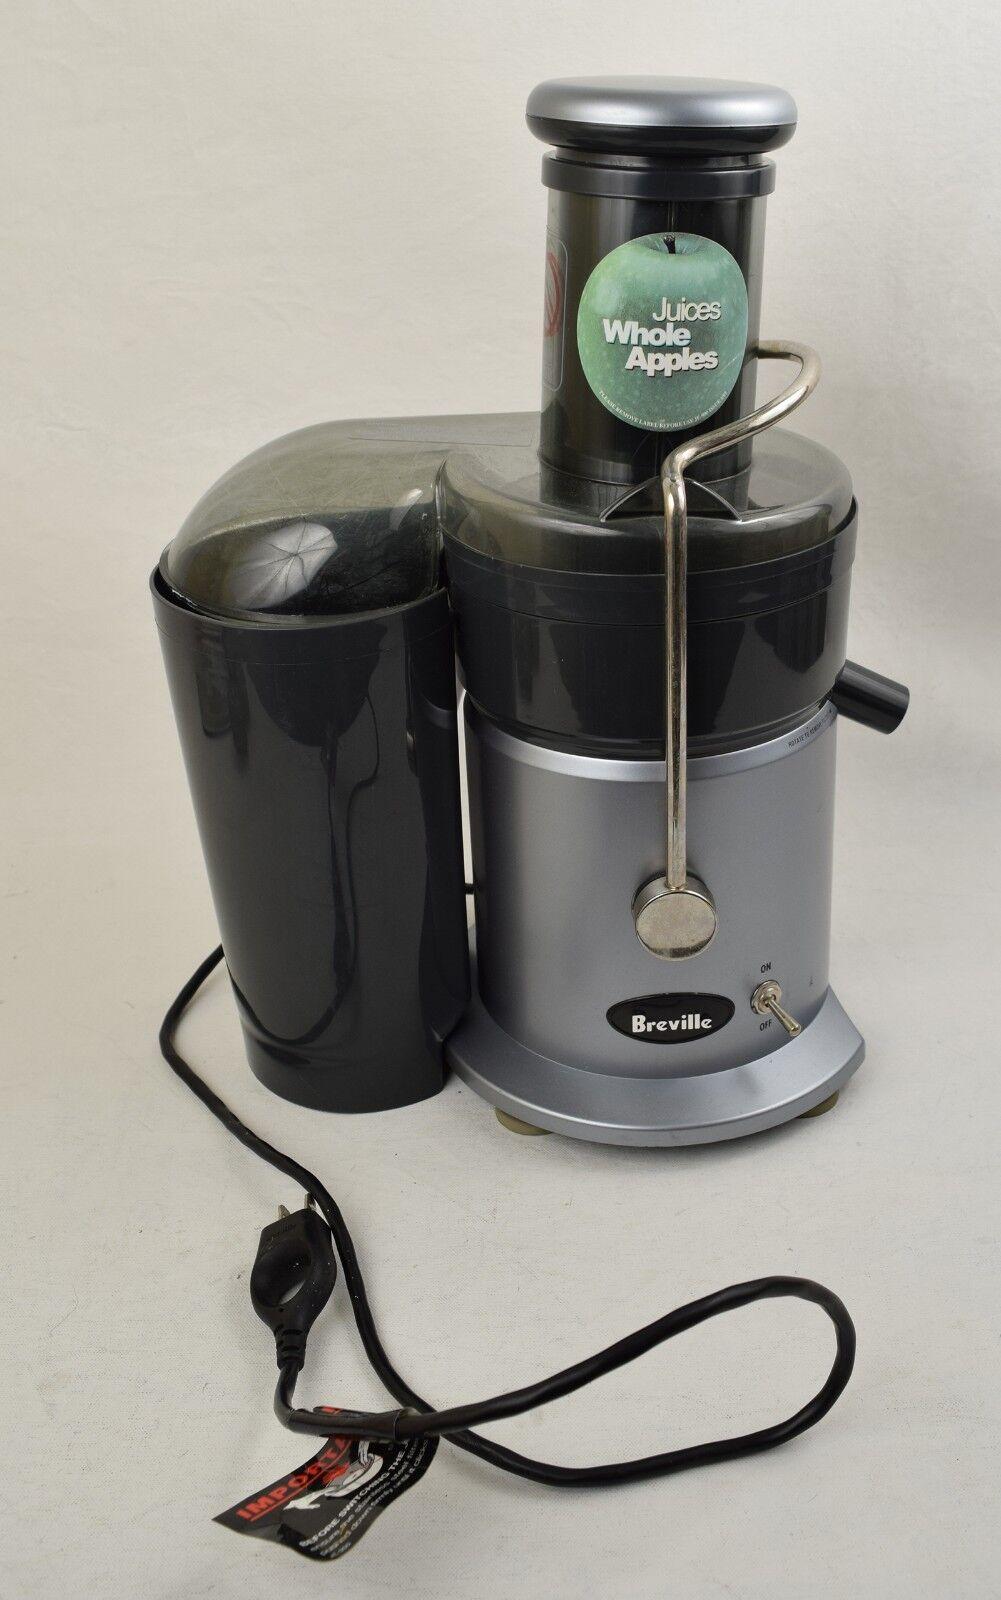 Breville juice fountain Juicer JE900